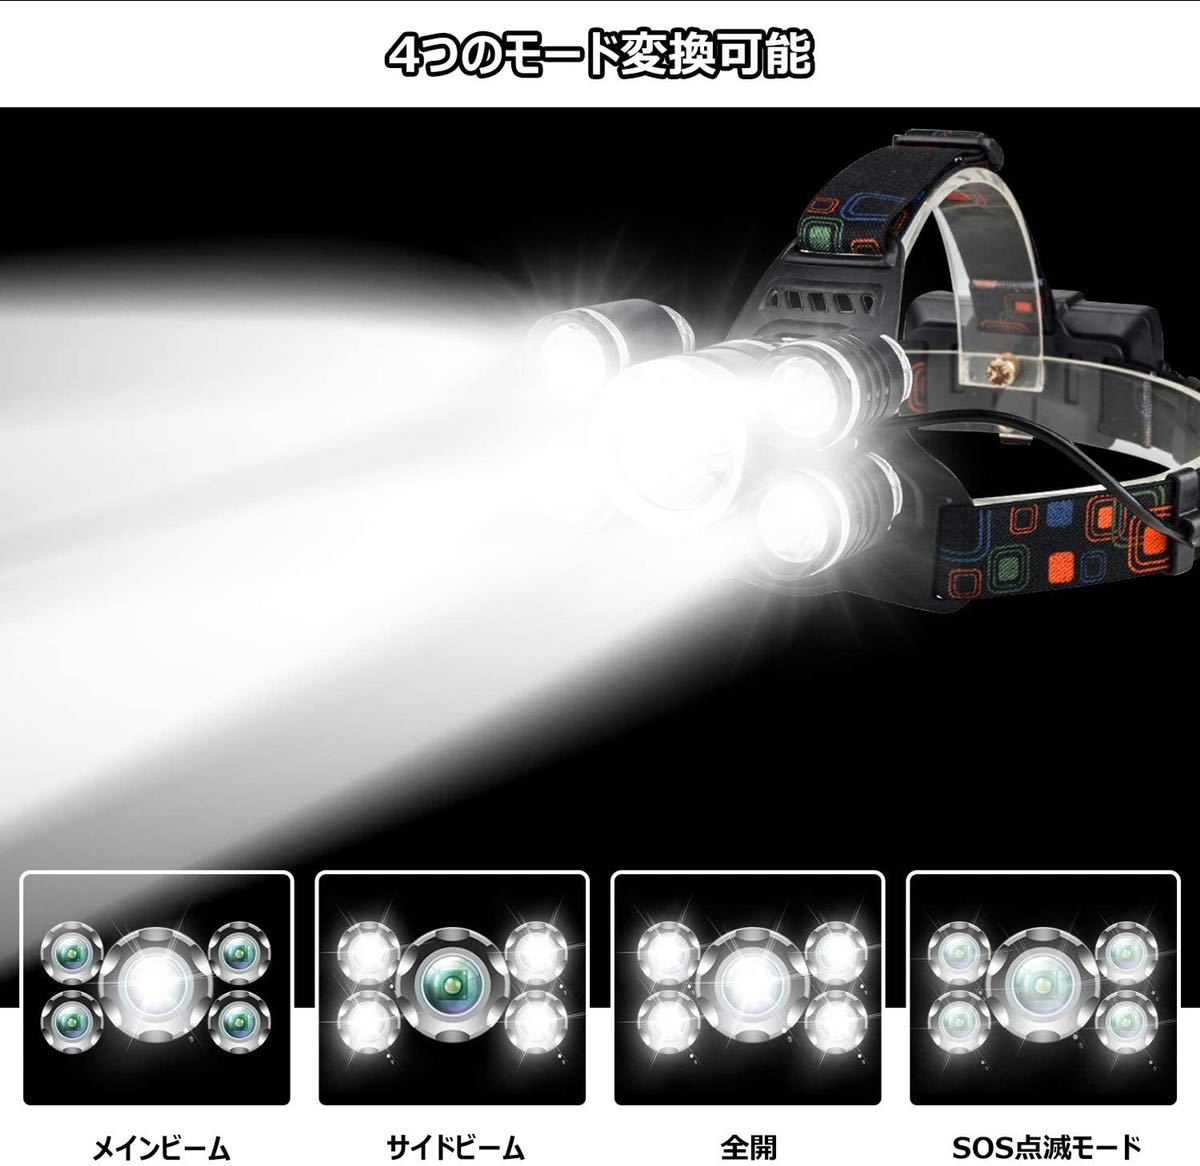 ヘッドライト LED ヘッドランプ 角度調整可能 回転ズーム機能 18650バッテリー付き アウトドア/夜釣り/防災/工事作業用